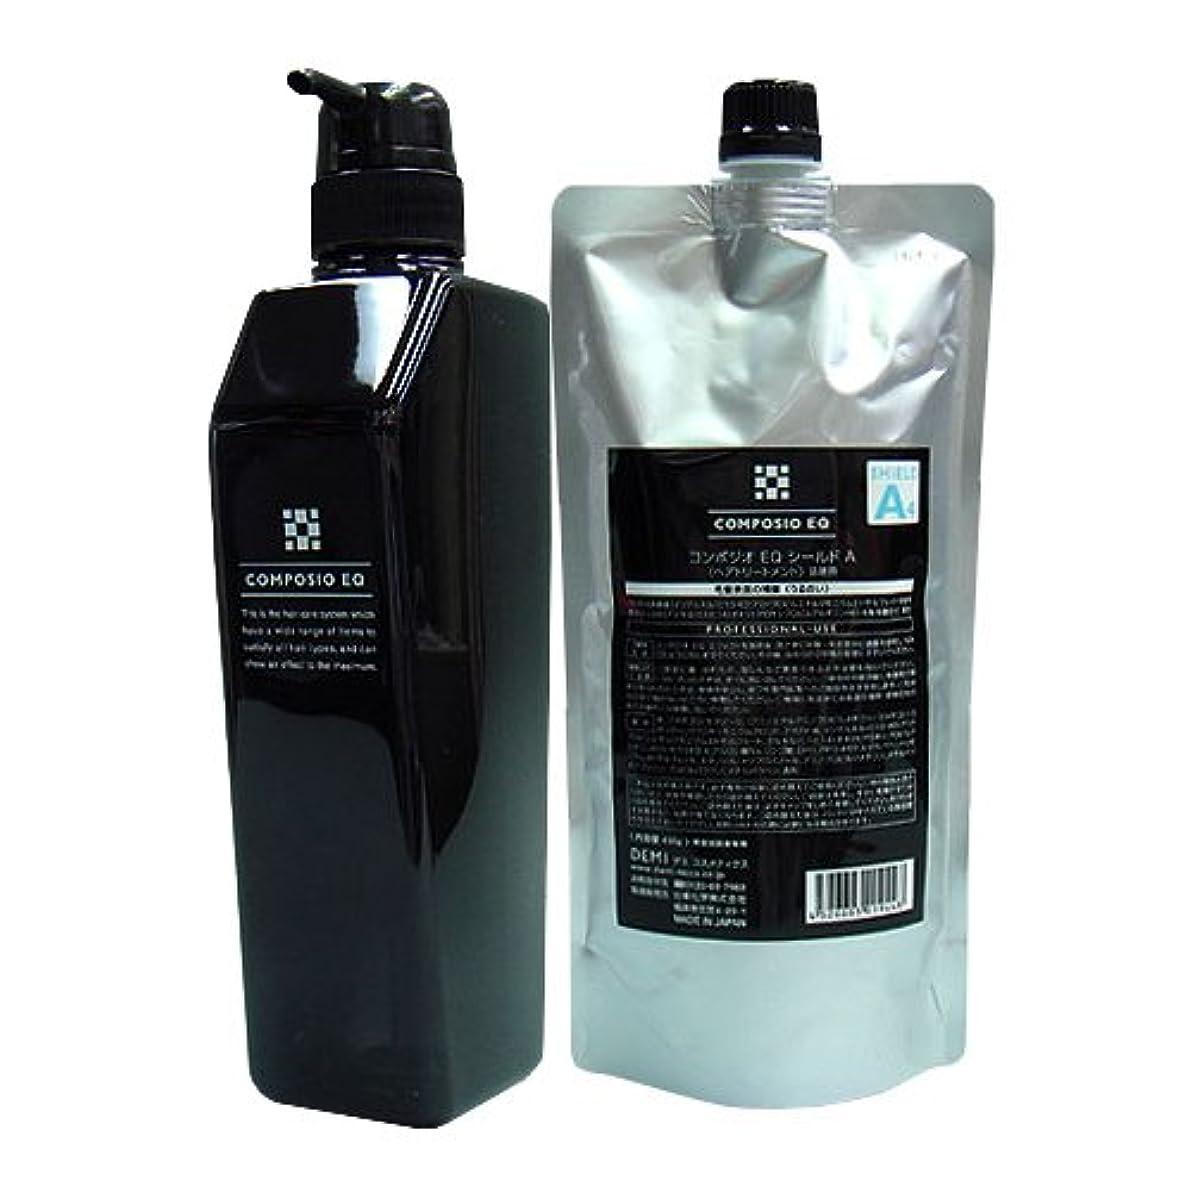 メロディアス精巧な海洋デミ コンポジオ EQ シールド A 詰替え ボトルセット うるおいタイプ 450g